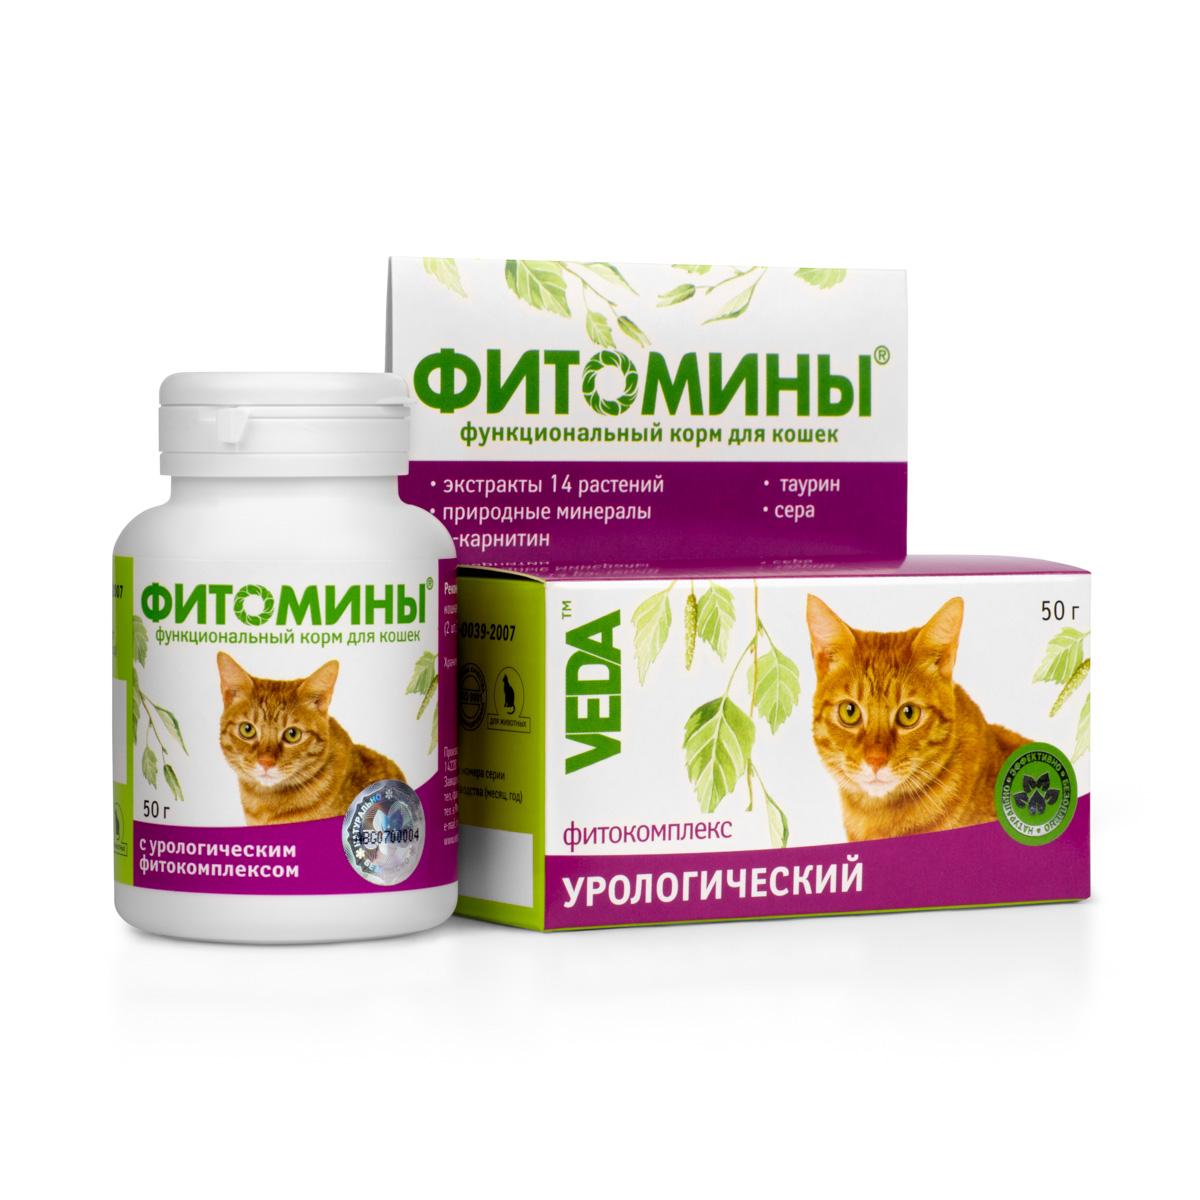 Корм для кошек VEDA Фитомины, функциональный, с урологическим фитокомплексом, 50 г60828Корм функциональный для кошек VEDA Фитомины с урологическим фитокомплексом рекомендуется включать в рацион кошкам, склонным к нарушению кислотно-щелочного баланса мочи и образованию камней в мочевом тракте.Возможно применение для собак с подобными проблемами.Состав: лактоза; крахмал; дрожжи пивные; фитокомплекс: листьев березы, травы зверобоя, створок фасоли, корней лопуха, шишек хмеля, цветков ромашки, корневищ и корней марены, травы эхинацеи пурпурной, листьев крапивы, травы леспедецы головчатой, травы ортосифона тычиночного, корня барбариса, корневищ с корнями валерианы, травы котовника; природный минеральный комплекс; паровая рыбная мука; L-карнитин; таурин; сера; стеарат кальция.В 100 г продукта содержится (не менее): белки – 3,5 г; жиры - 0,4 г; углеводы - 90 г; кальций 600 мг; фФосфор 360 мг; железо 15 мг; цинк 4 мг; марганец 0,1 мг; медь 0,3 мг; L-карнитин 0,5 г; таурин 0,2 г; сера 0,1 г.Энергетическая ценность в 100 г: 380 ккал.Товар сертифицирован.